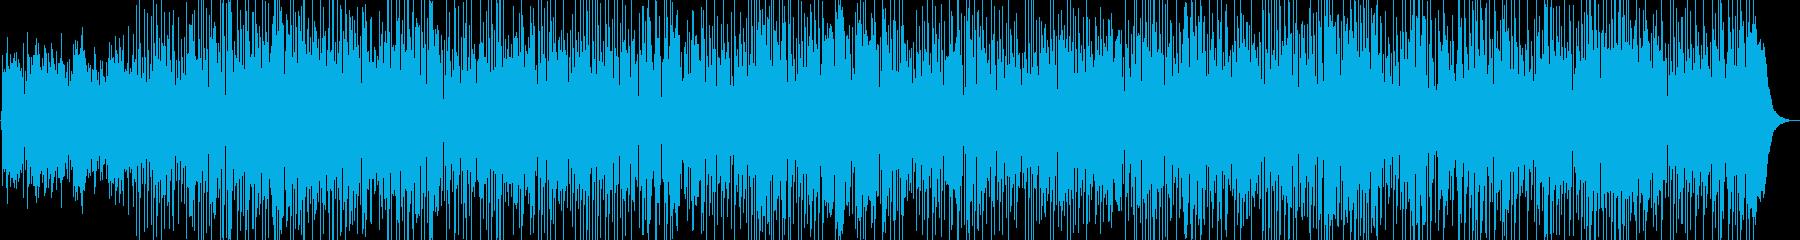 爽やかな夏のボサノバの再生済みの波形